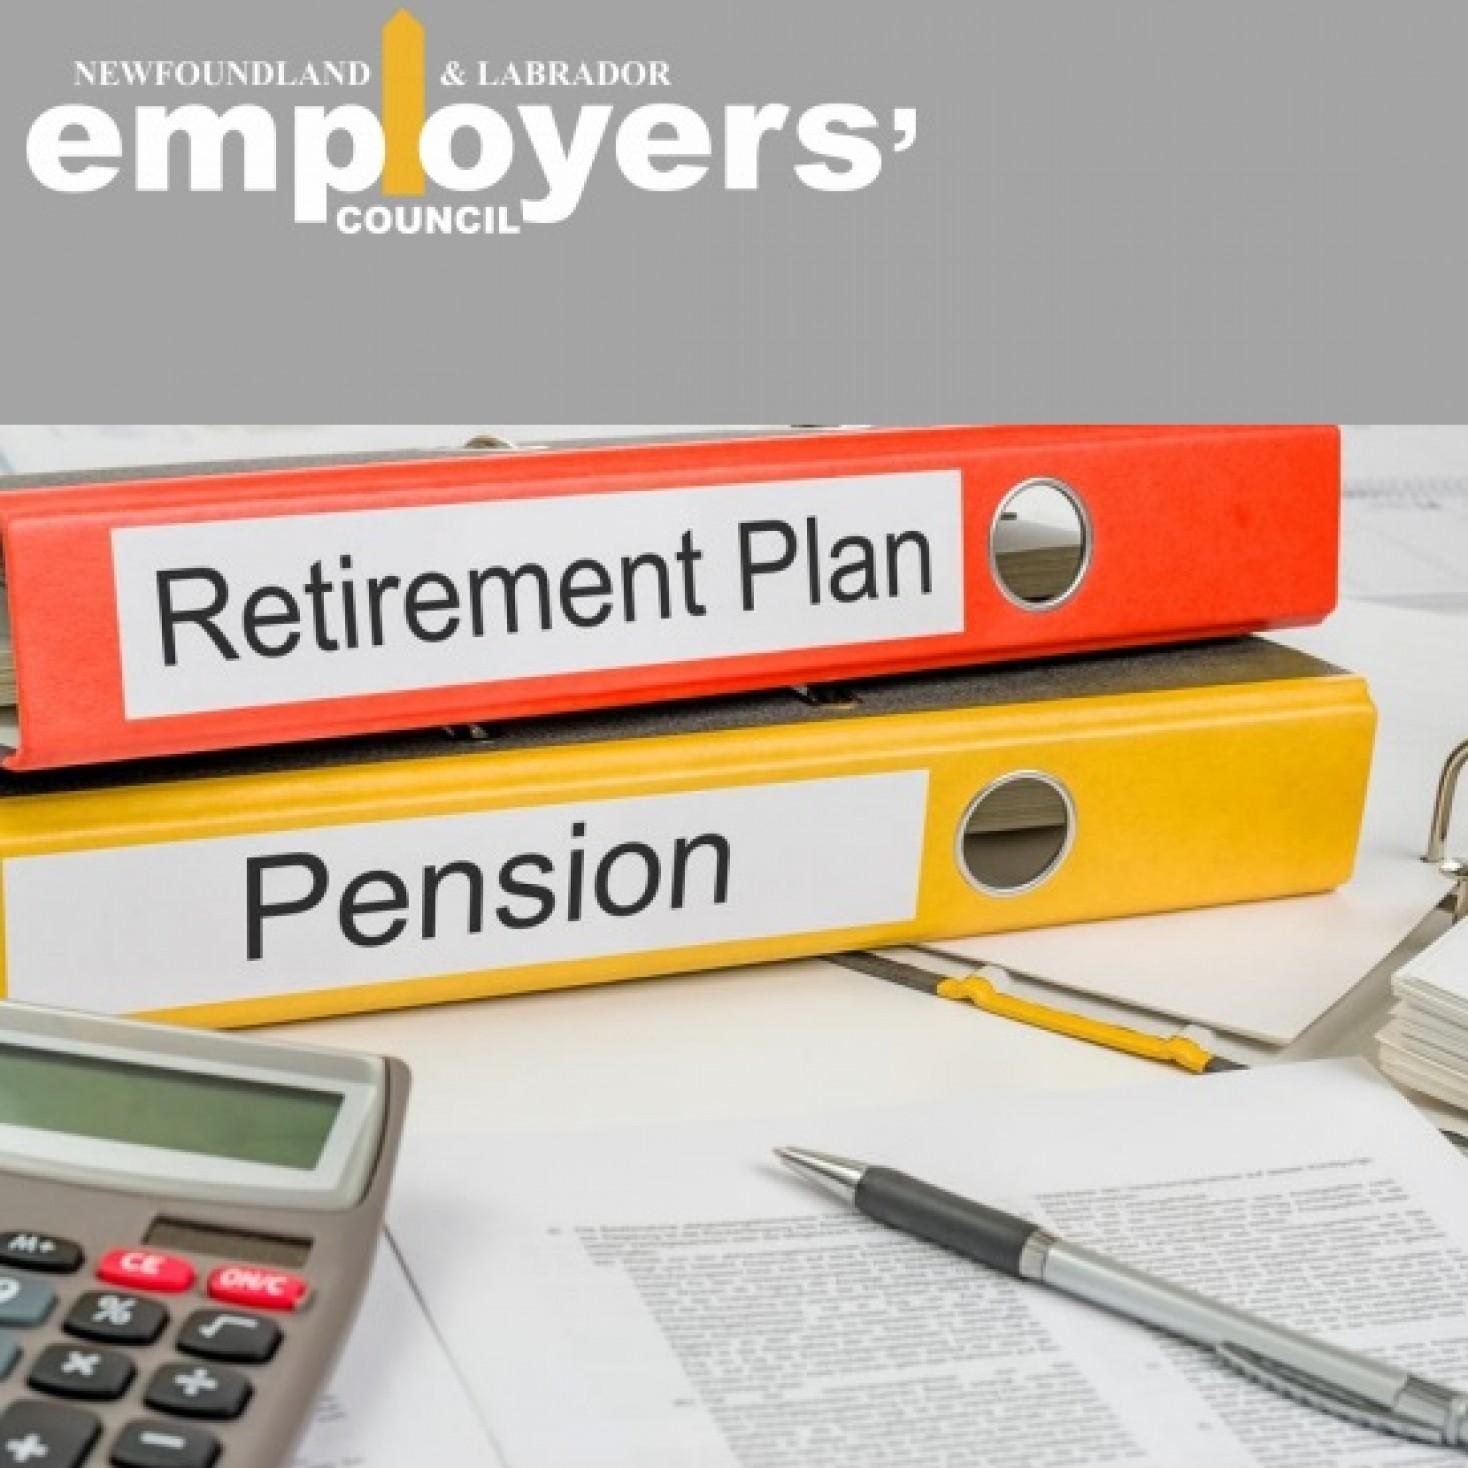 NLEC Position on Pooled Registered Pension Plans (PRPPs)